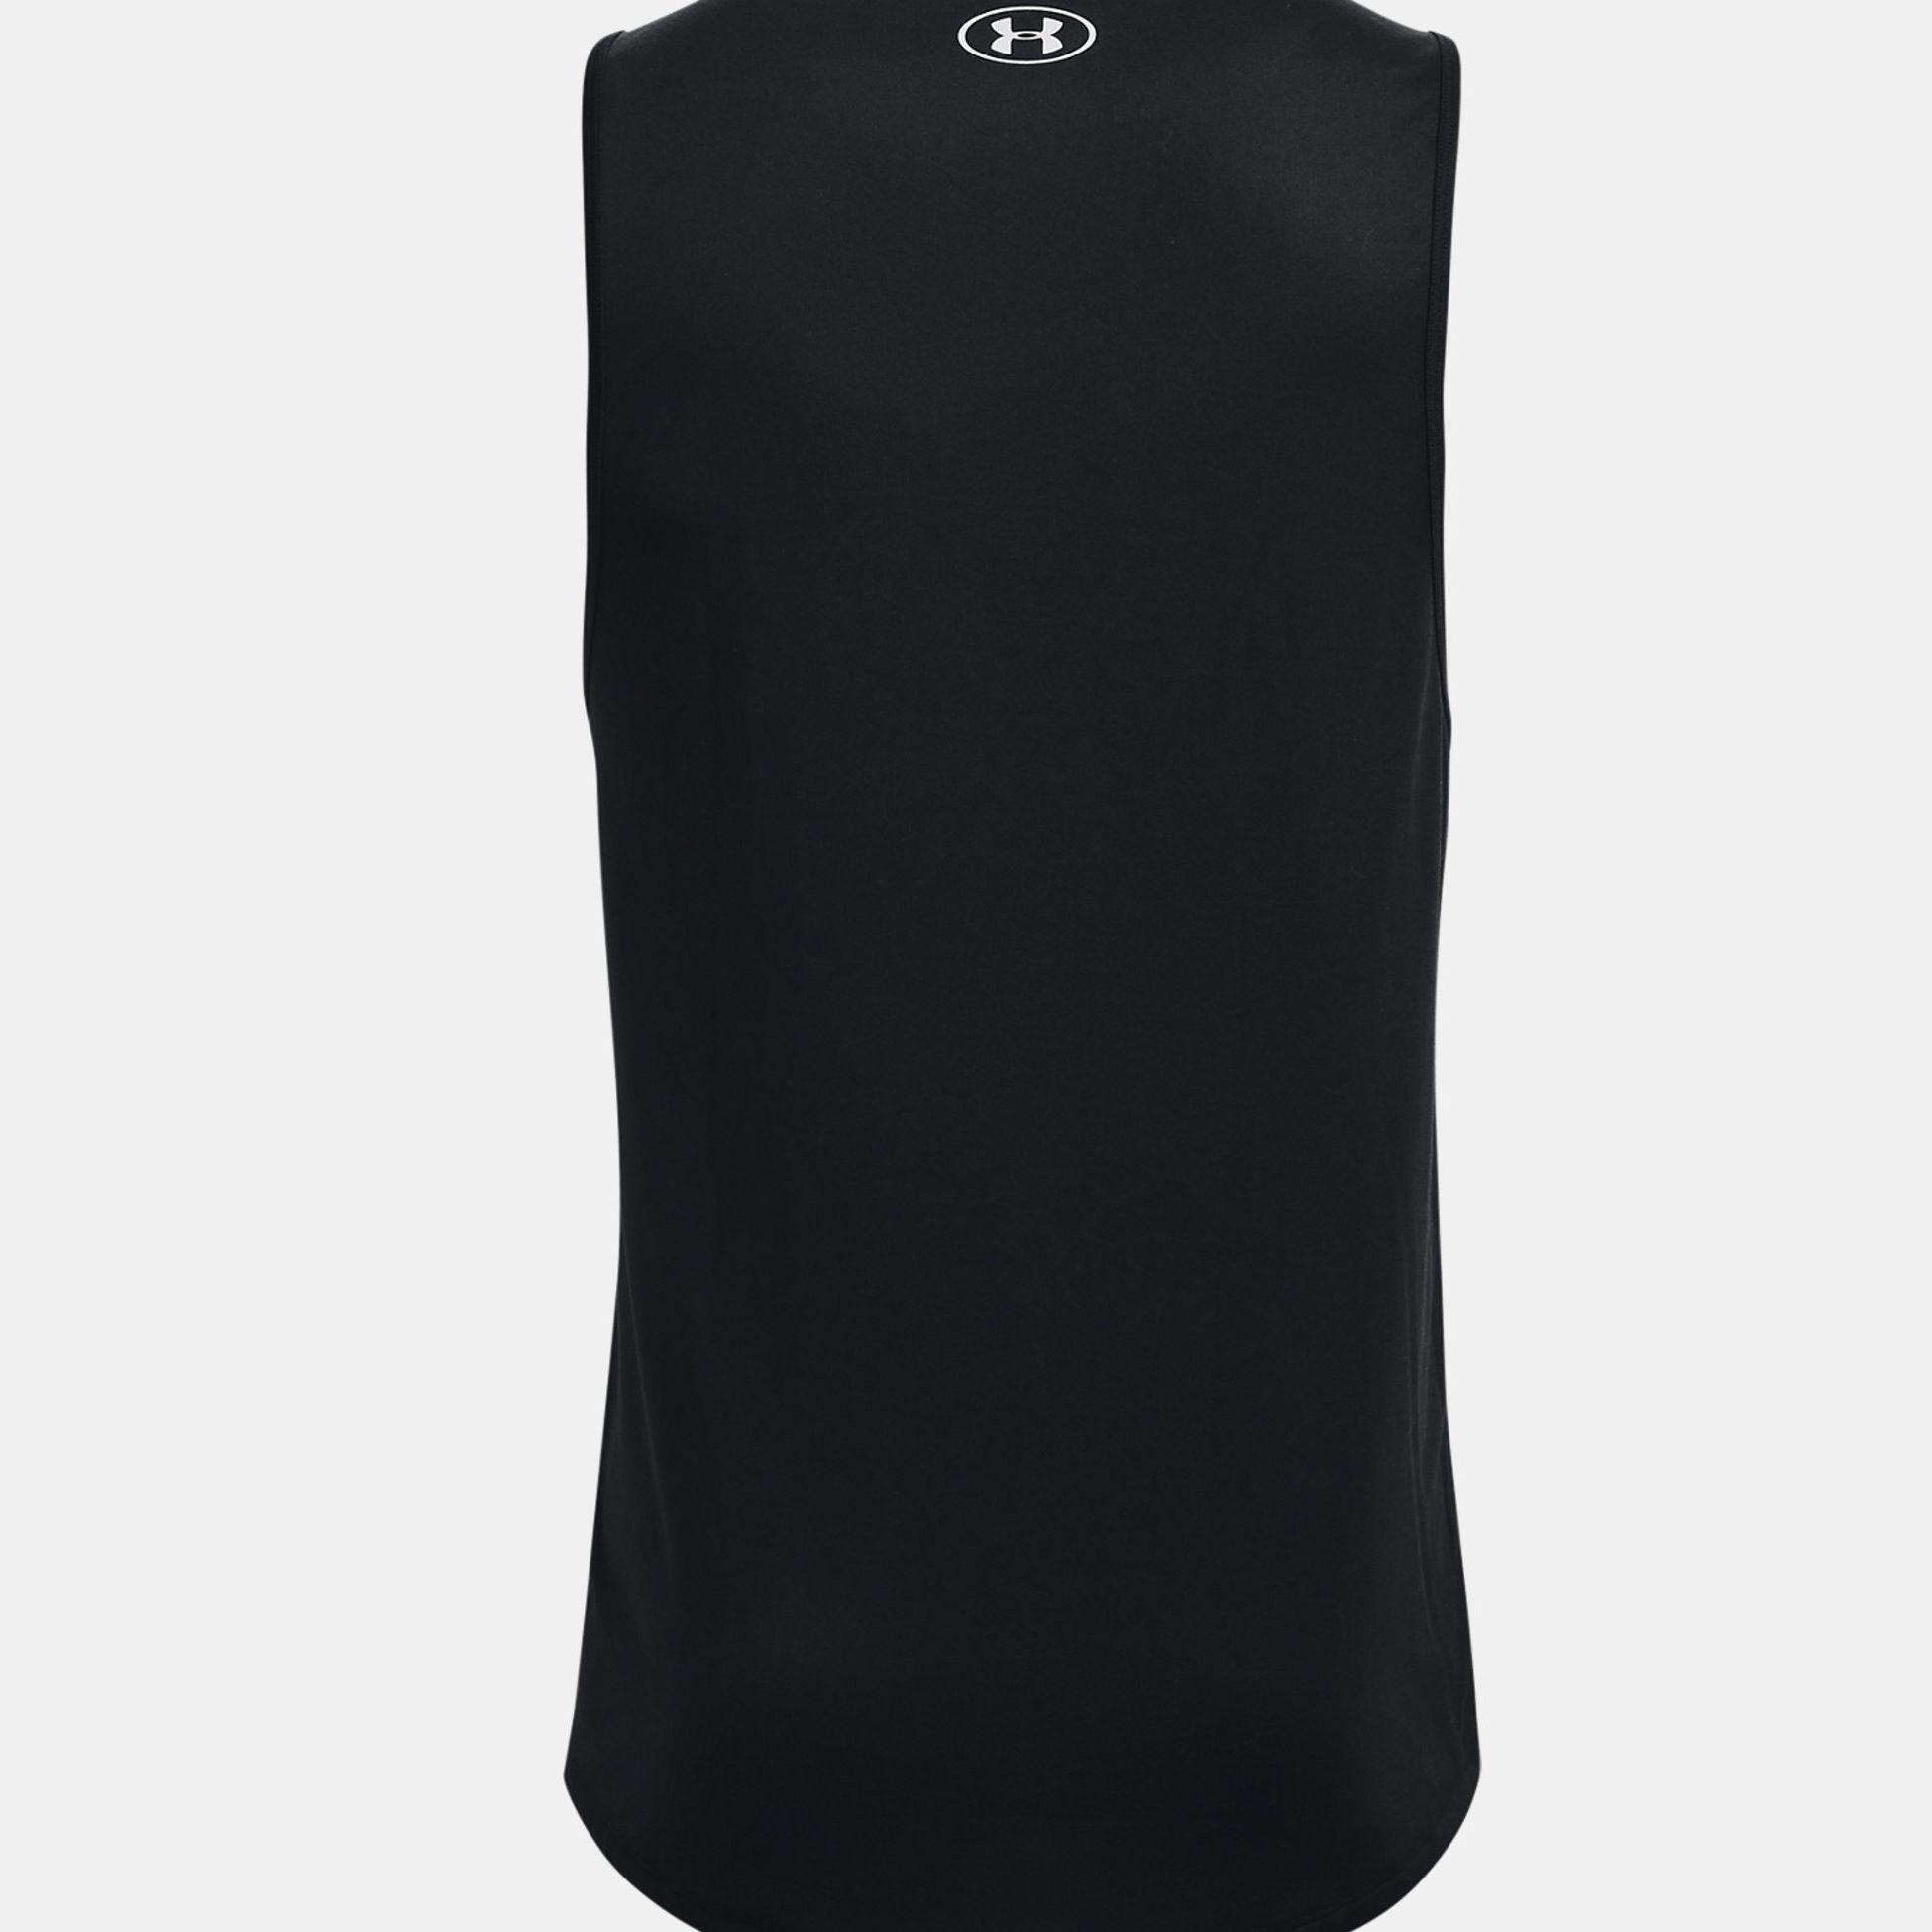 Îmbrăcăminte -  under armour UA Tech 2.0 Signature Tank